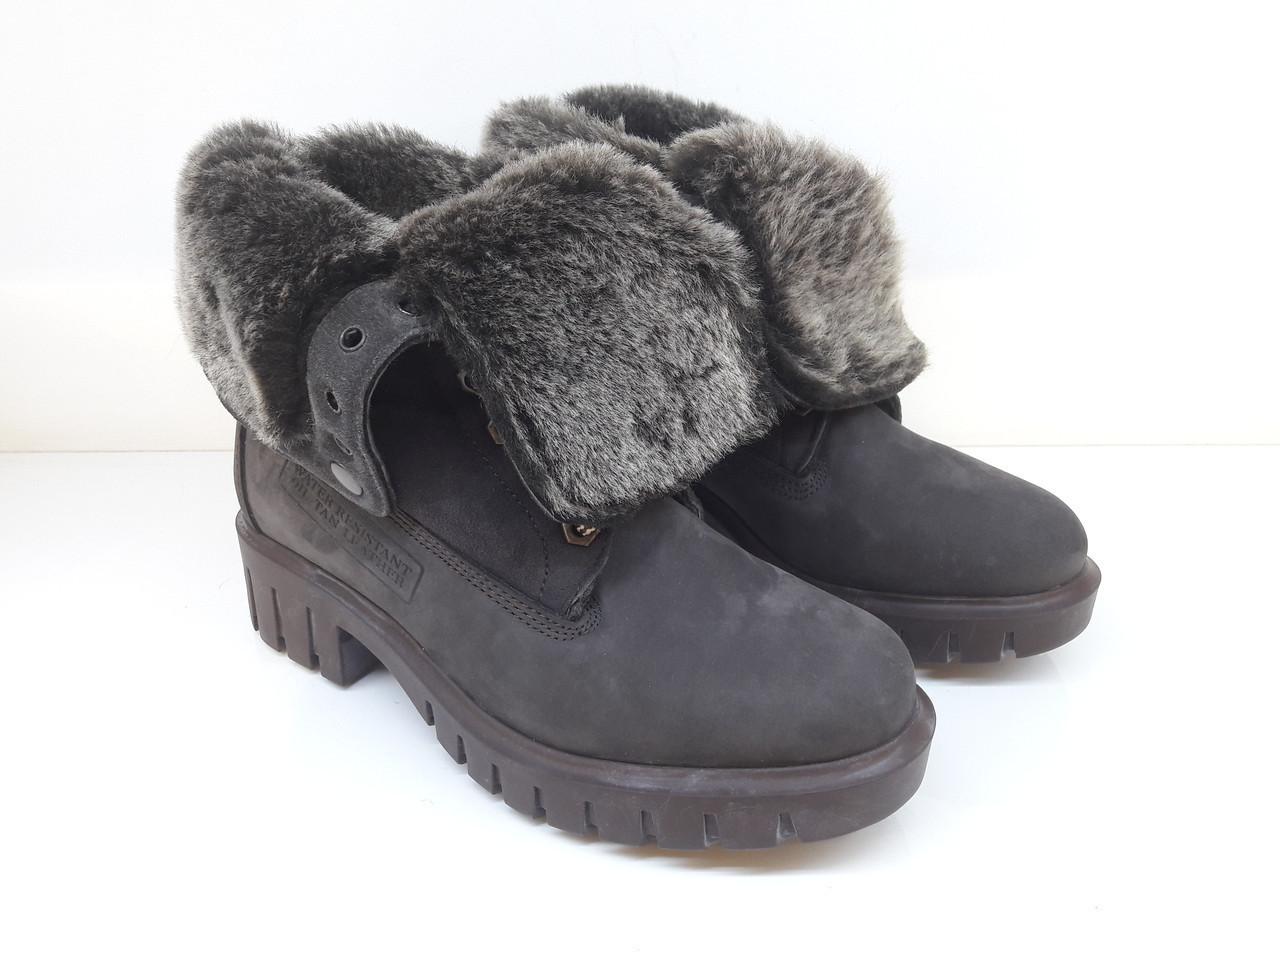 Ботинки Etor 10315-021554-1516 39 коричневые